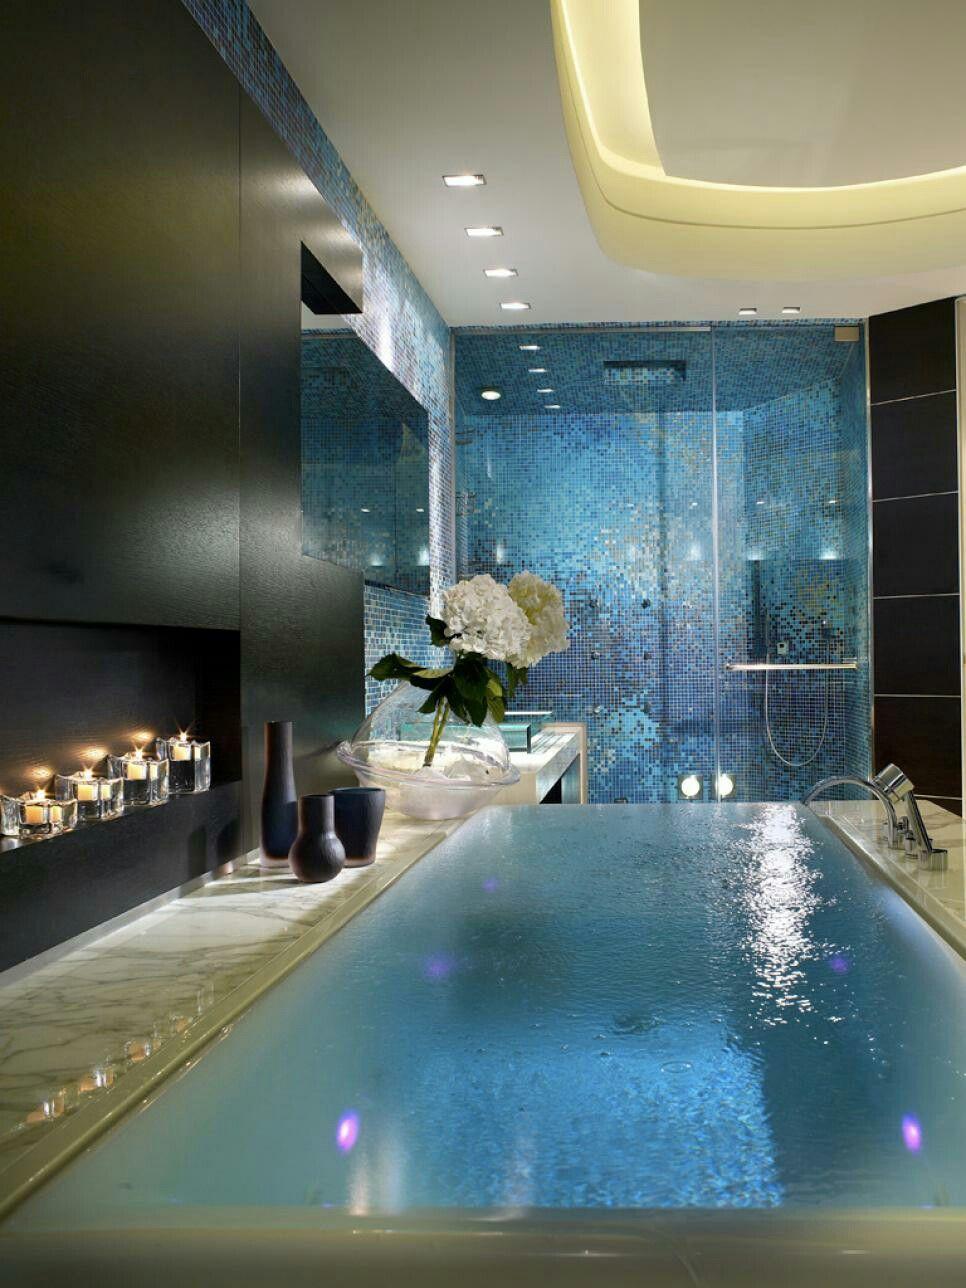 butterfly spirit | ♡ baths & spa ♡ | Pinterest | House goals ...